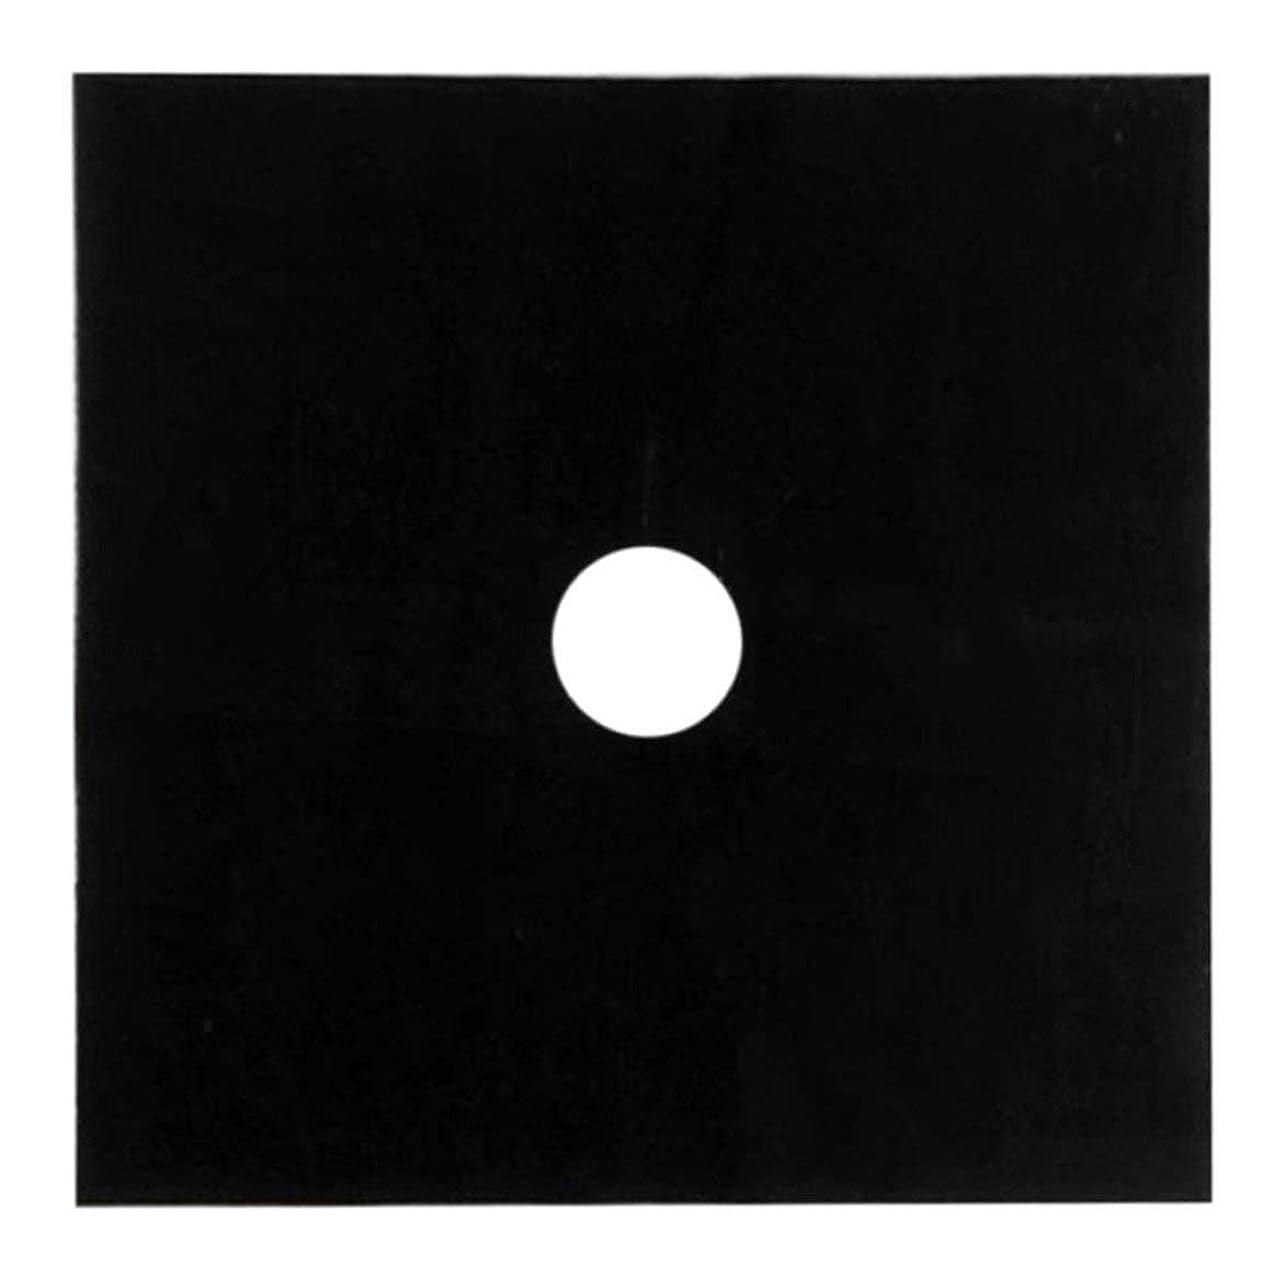 コモランマエレメンタル包囲テフロンガスホブオイルプロテクターライナーノンスティックシート再利用可能なストーブクリーンマットパッド炉表面保護パッドキッチンツール - 黒